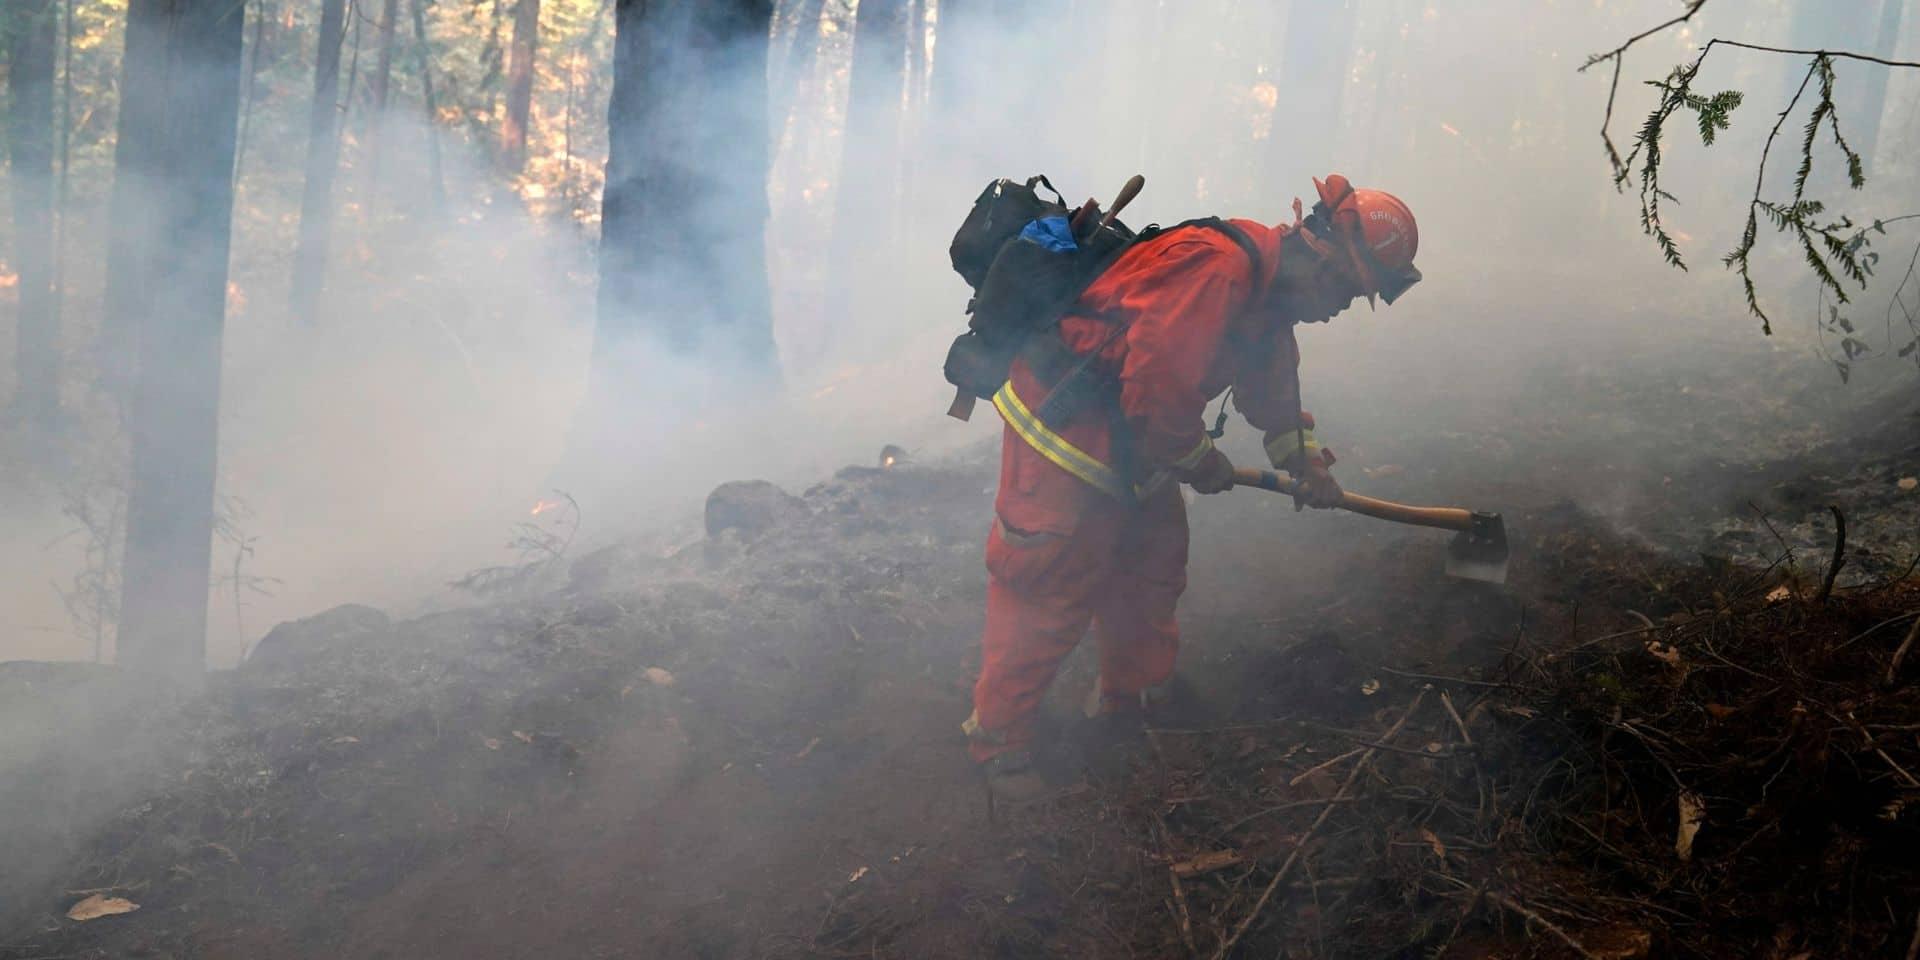 Les milliers de pompiers américains, canadiens et australiens progressent face aux incendies en Californie